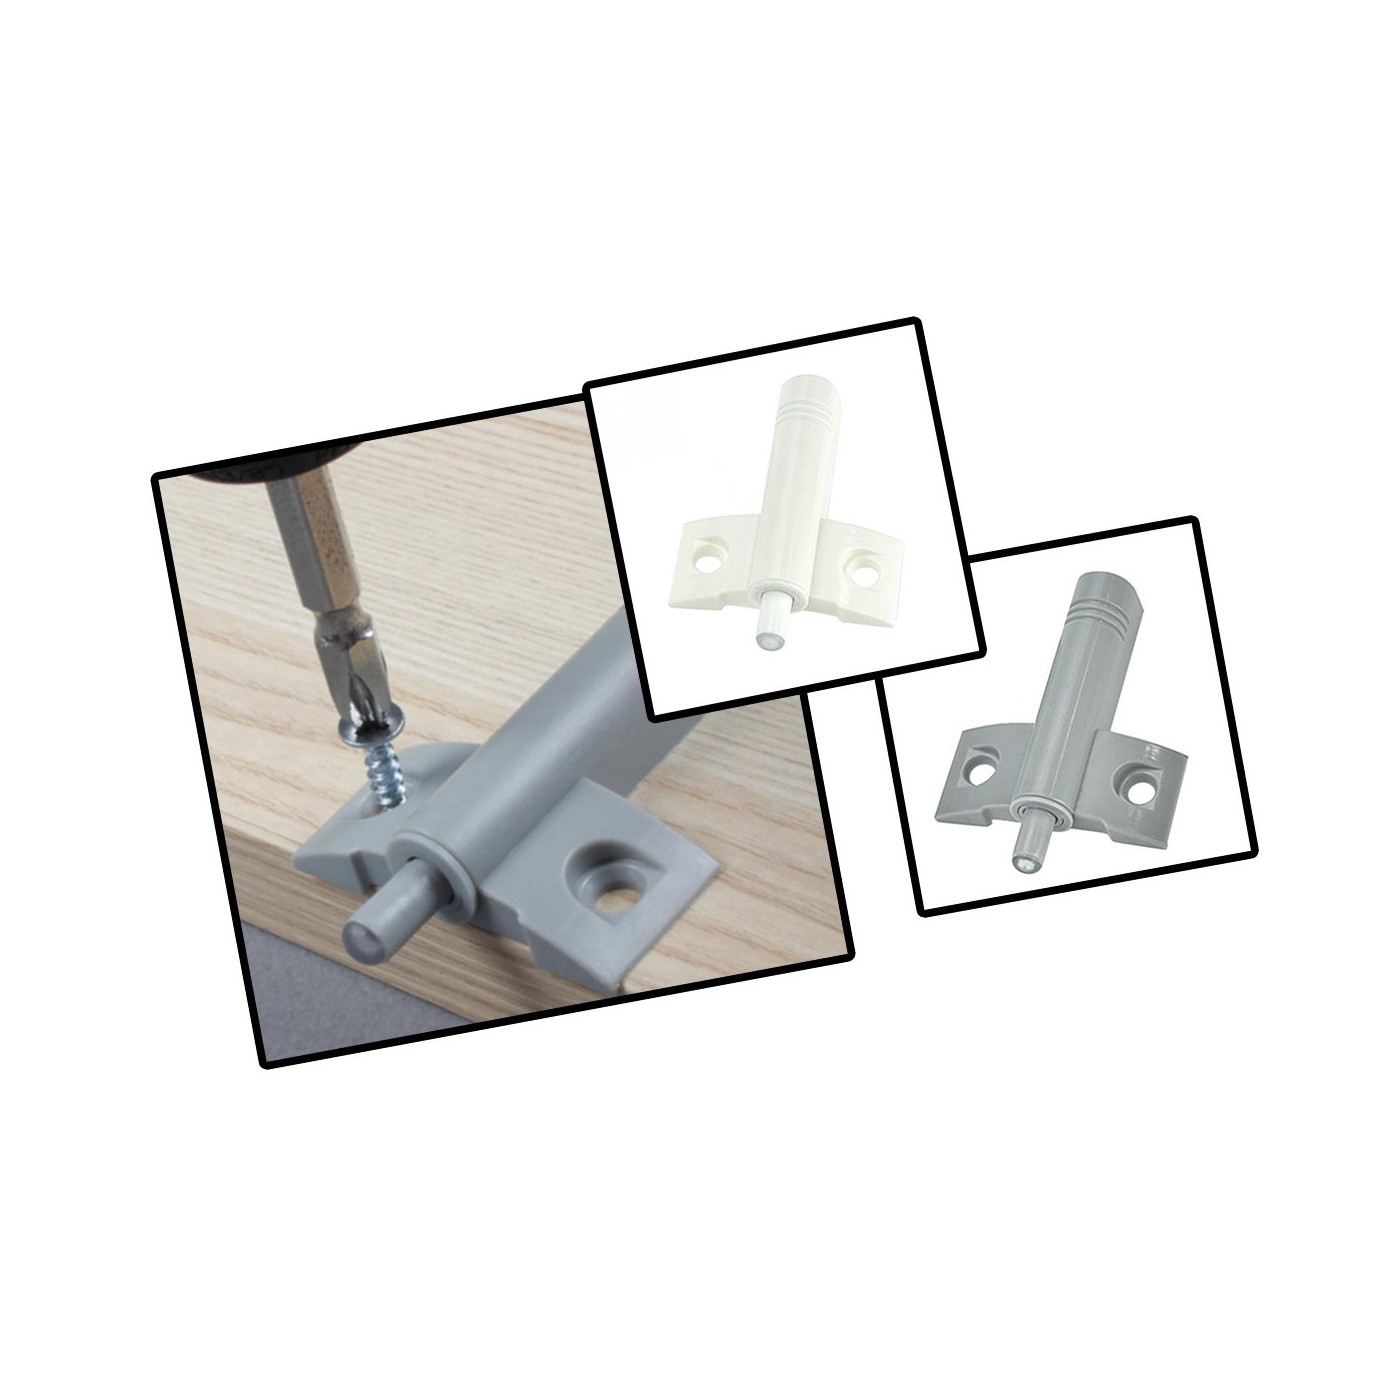 Set von 10 Kunststoff-Türklappen (grau, einschließlich Schrauben, zum Öffnen drücken)  - 1